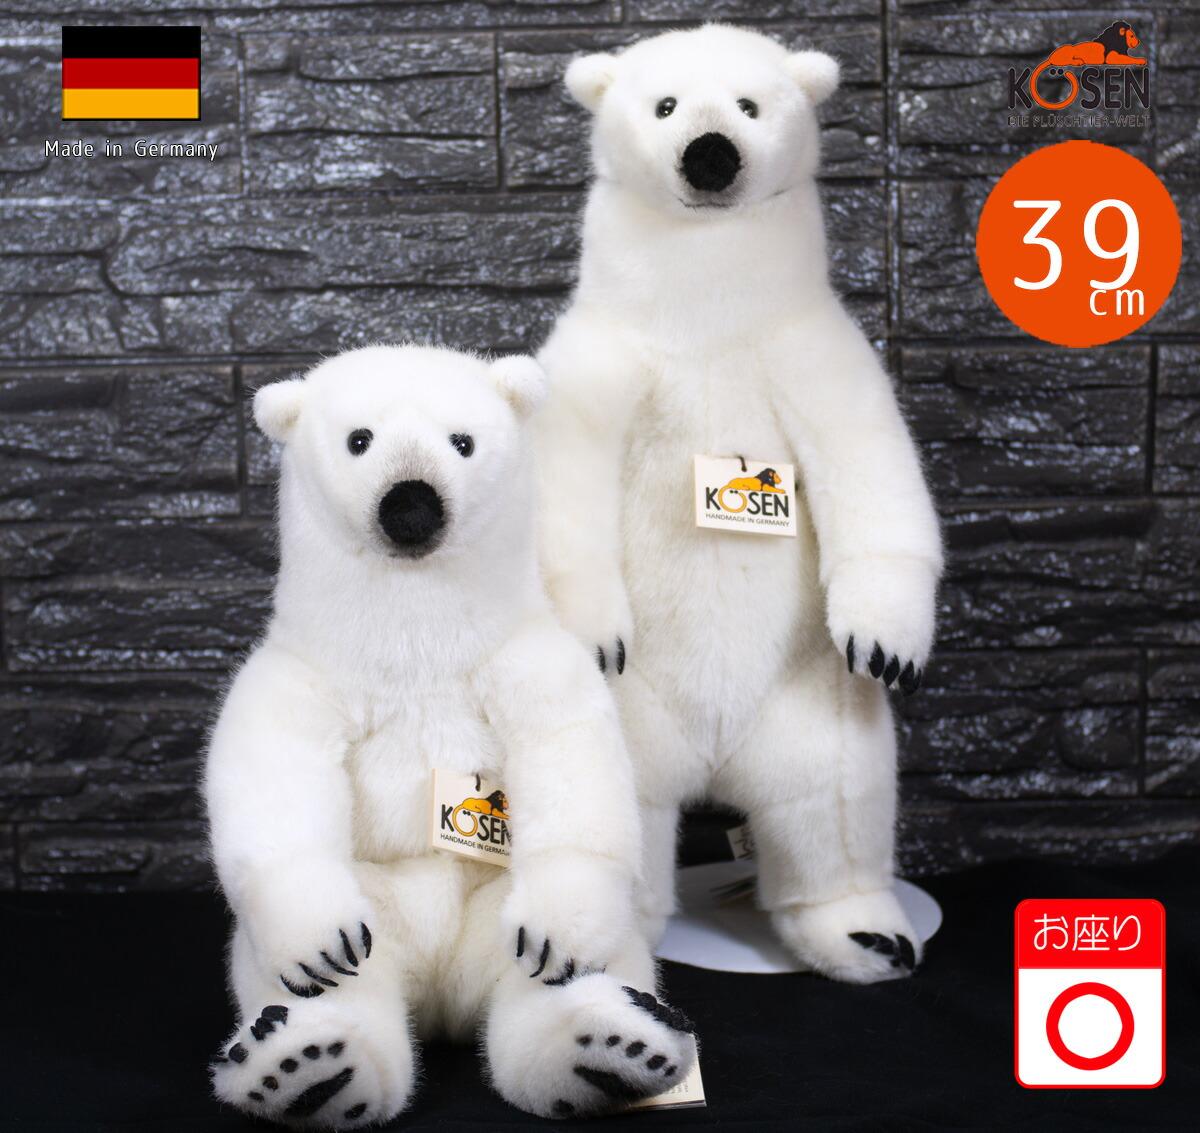 ケーセン ぬいぐるみ kosen 白くま 白熊 北極熊(小)POLAR BEAR 39cm クマ くま テディベア リアル 動物